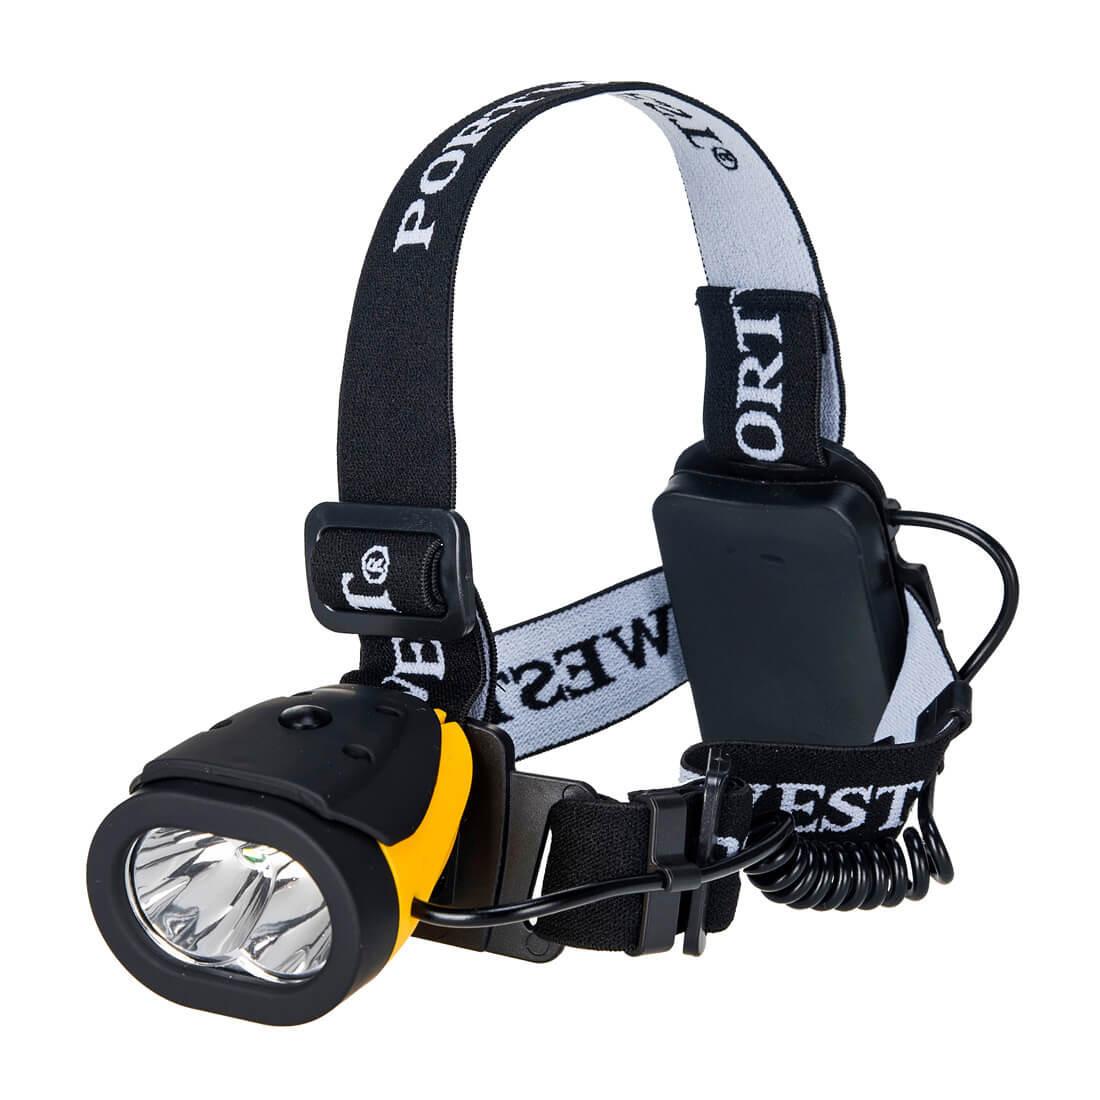 Lanterna pentru Casca Portwest Dual - Echipamente de protectie personala